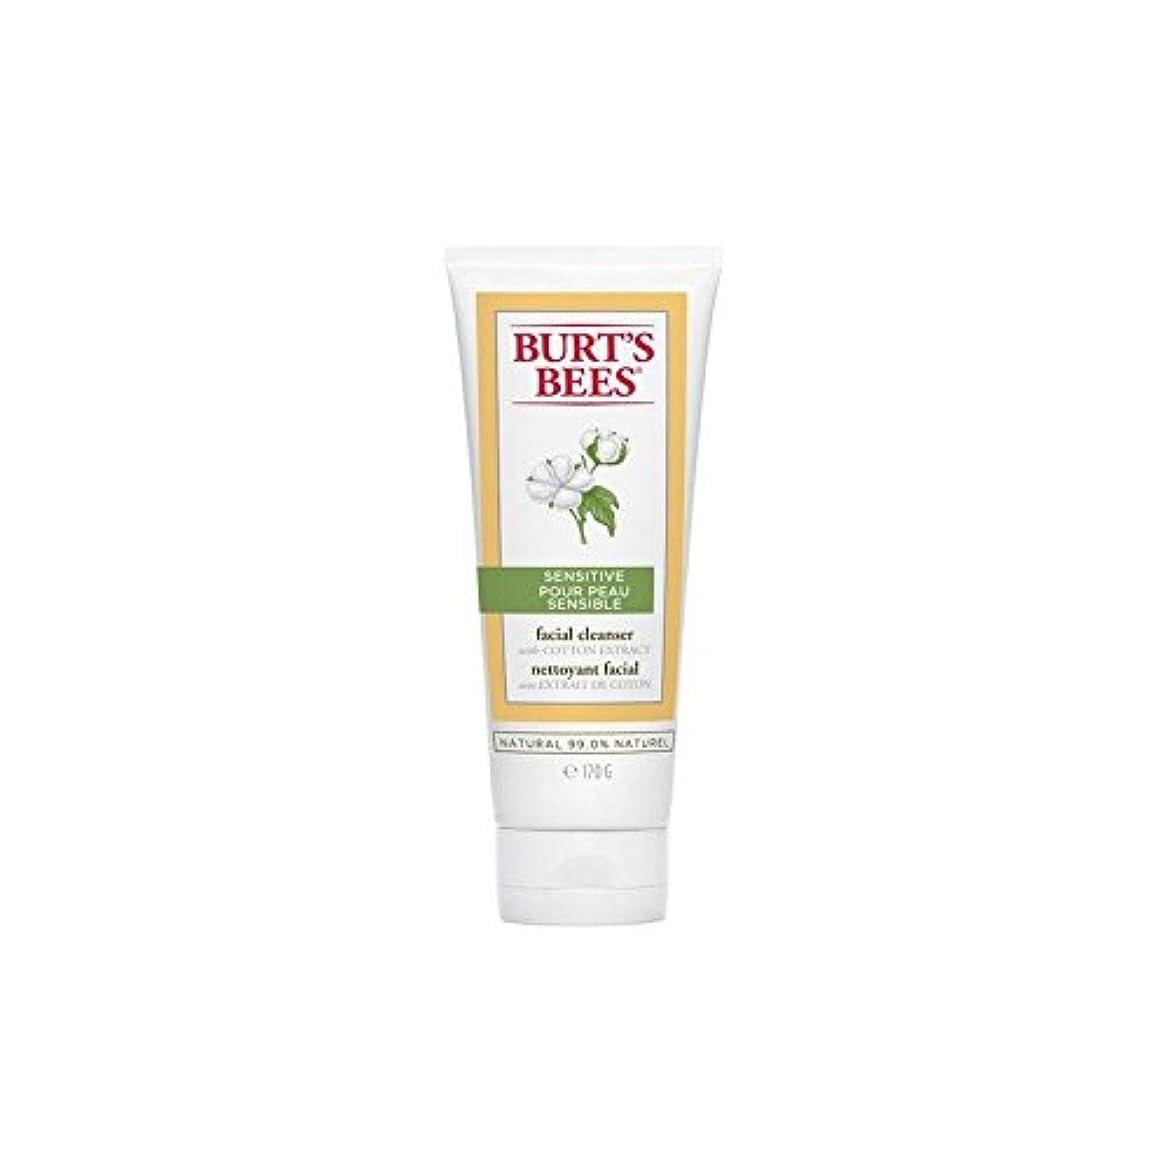 確認してください告白する信仰バーツビー敏感な洗顔料の170グラム x4 - Burt's Bees Sensitive Facial Cleanser 170G (Pack of 4) [並行輸入品]